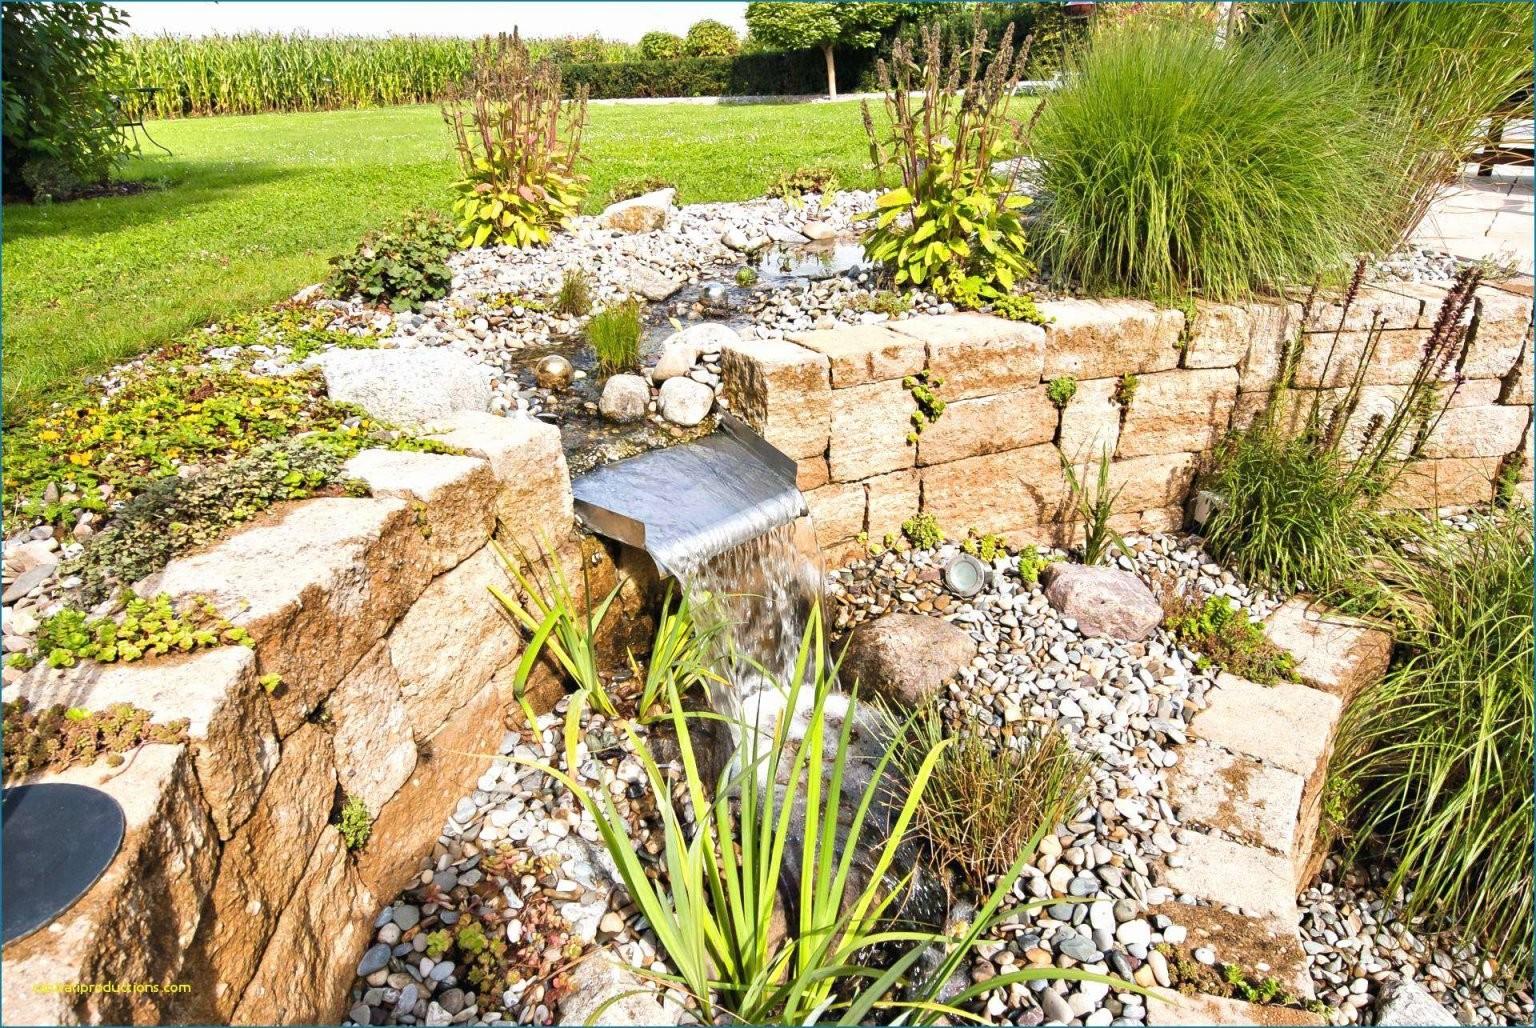 Sitzecke Garten Selber Bauen Inspiration Von Sitzecke Garten von Sitzecke Garten Selber Bauen Photo